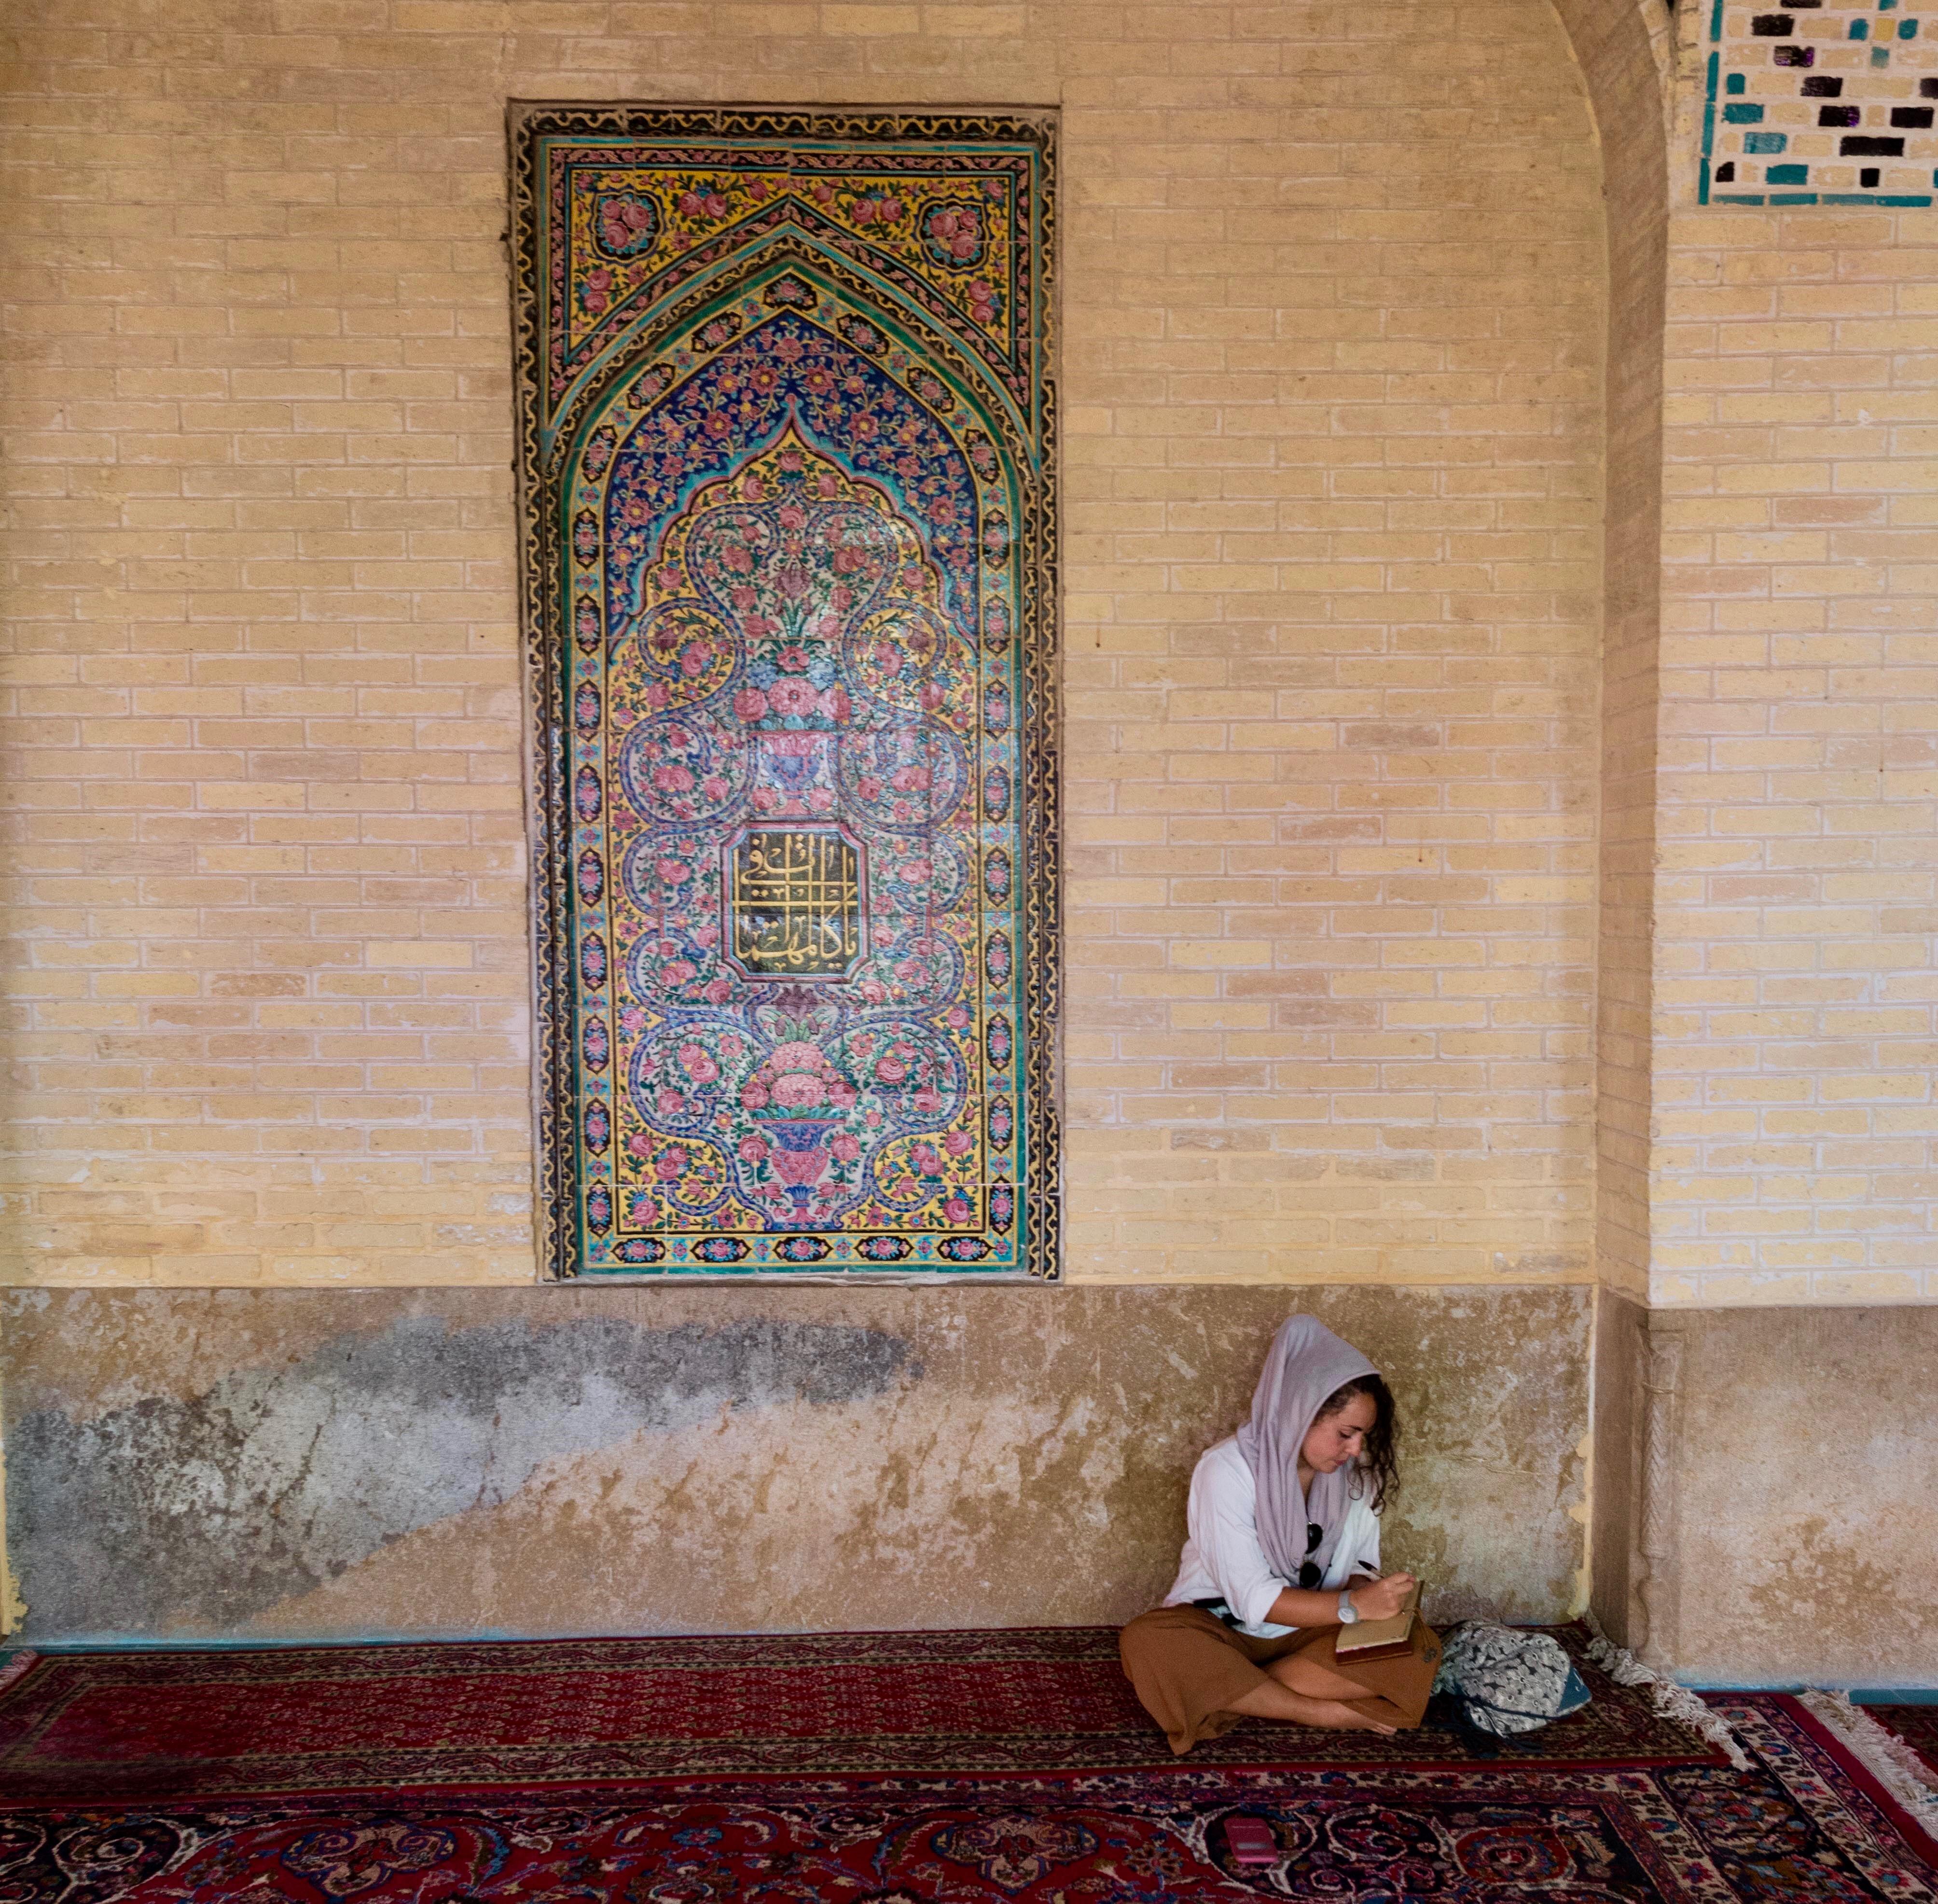 Consigli di viaggio in Iran